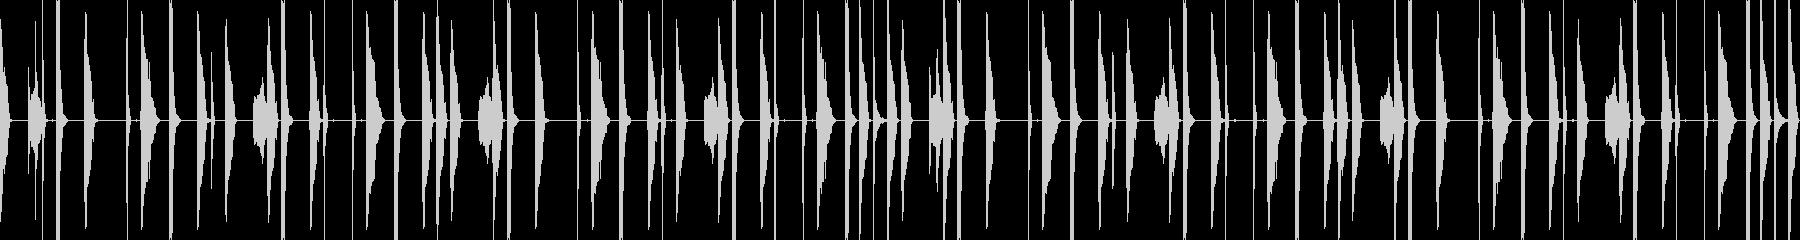 アーバンな都会的hiphopドラムループの未再生の波形